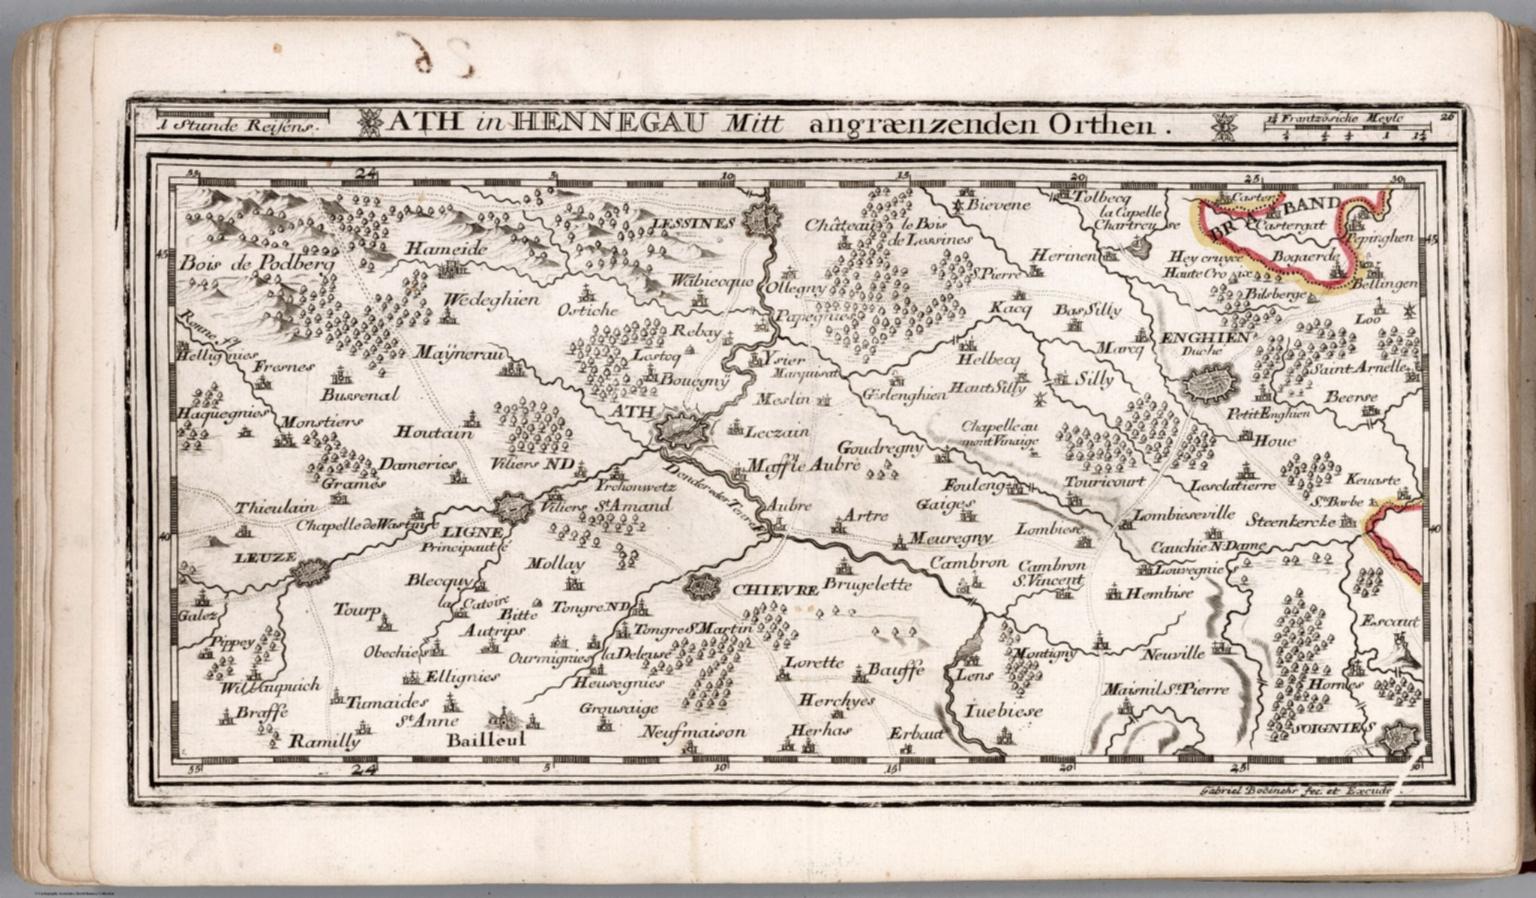 Ath in Hennegau Mitt angraenzenden Orthen David Rumsey Historical